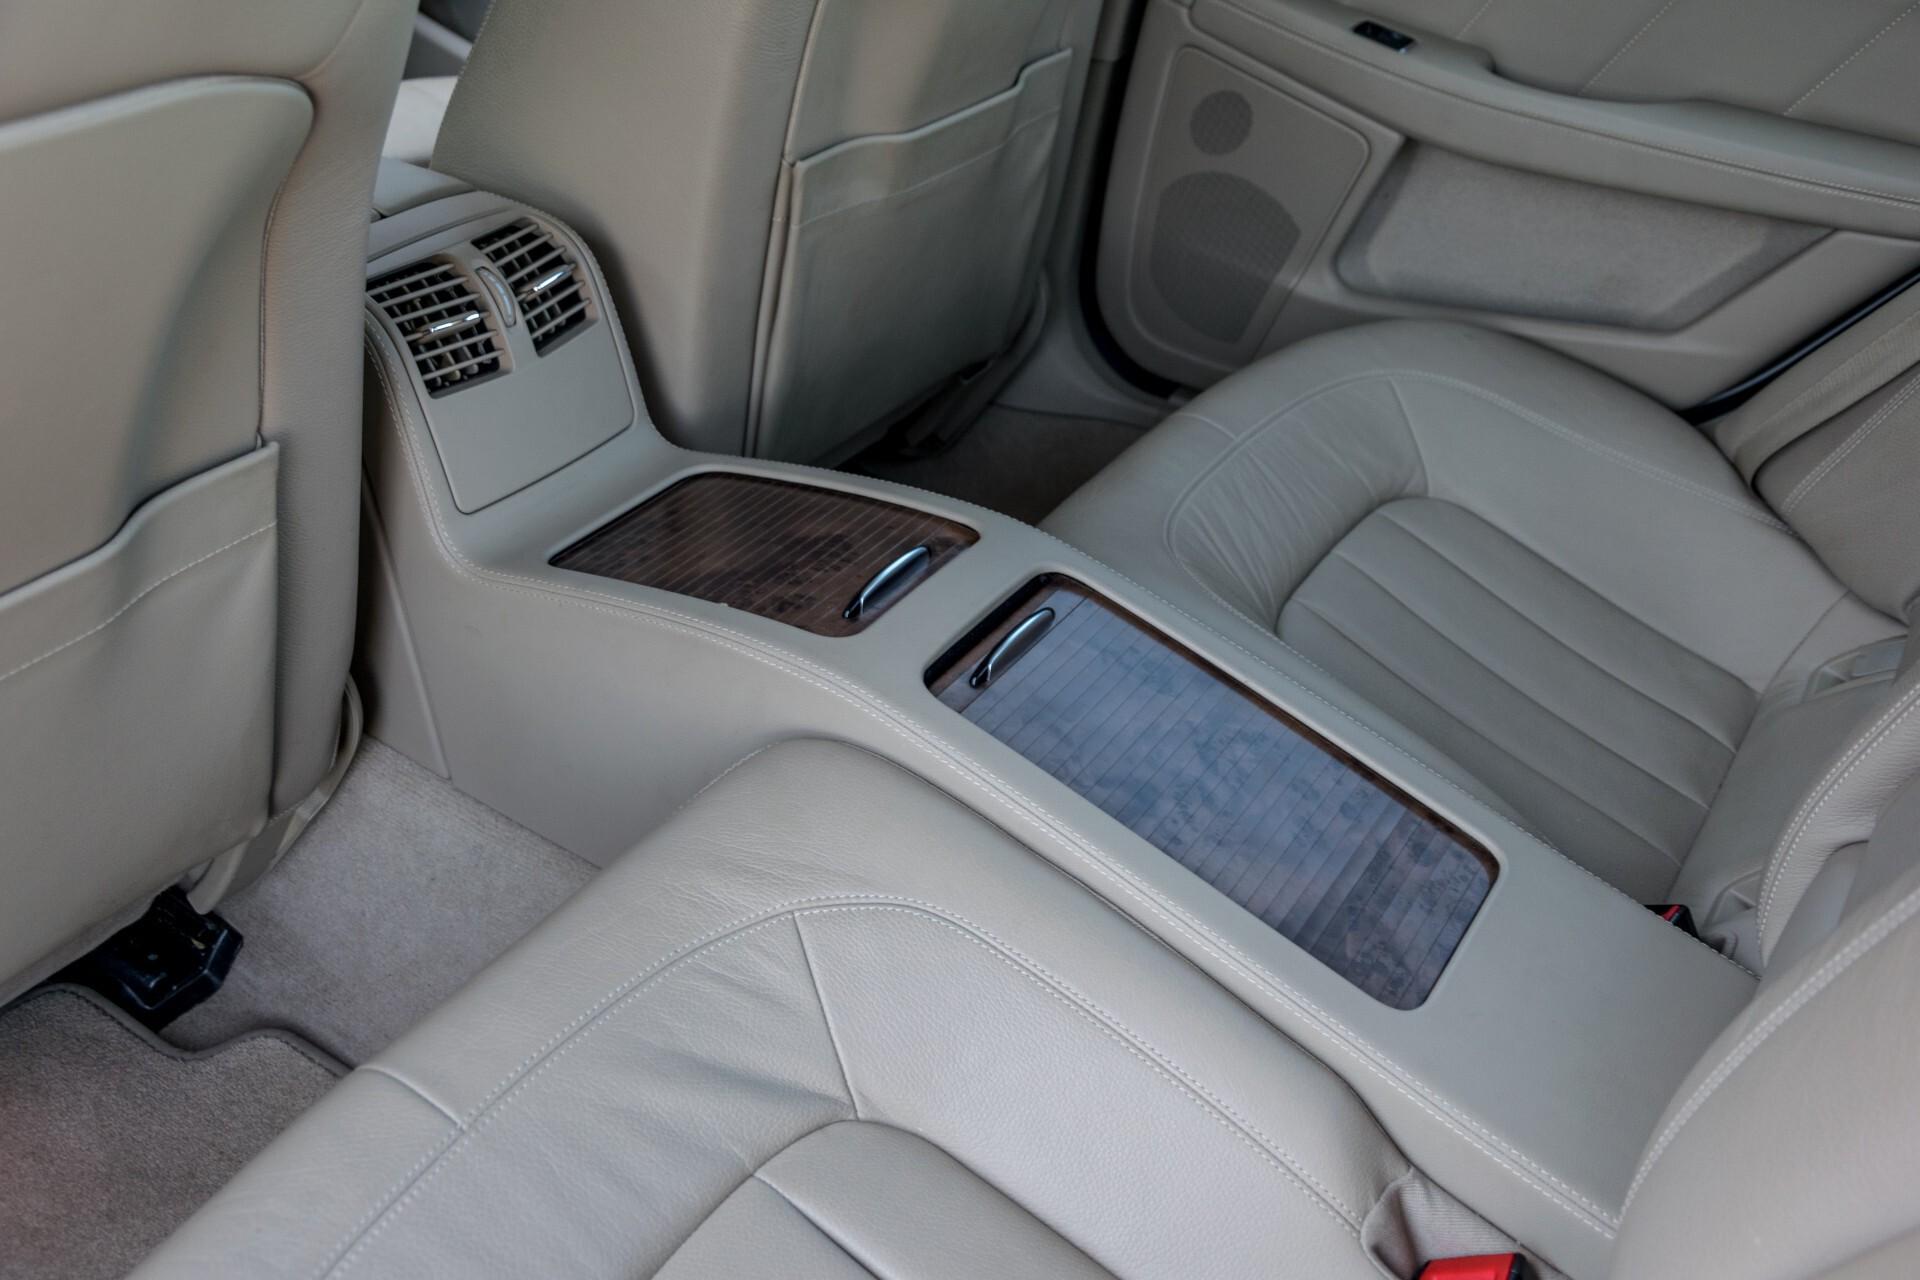 Mercedes-Benz CLS-Klasse 350 Cdi Luchtvering/Distronic/Nachtzicht/AMG/Comand/ILS Aut7 Foto 40